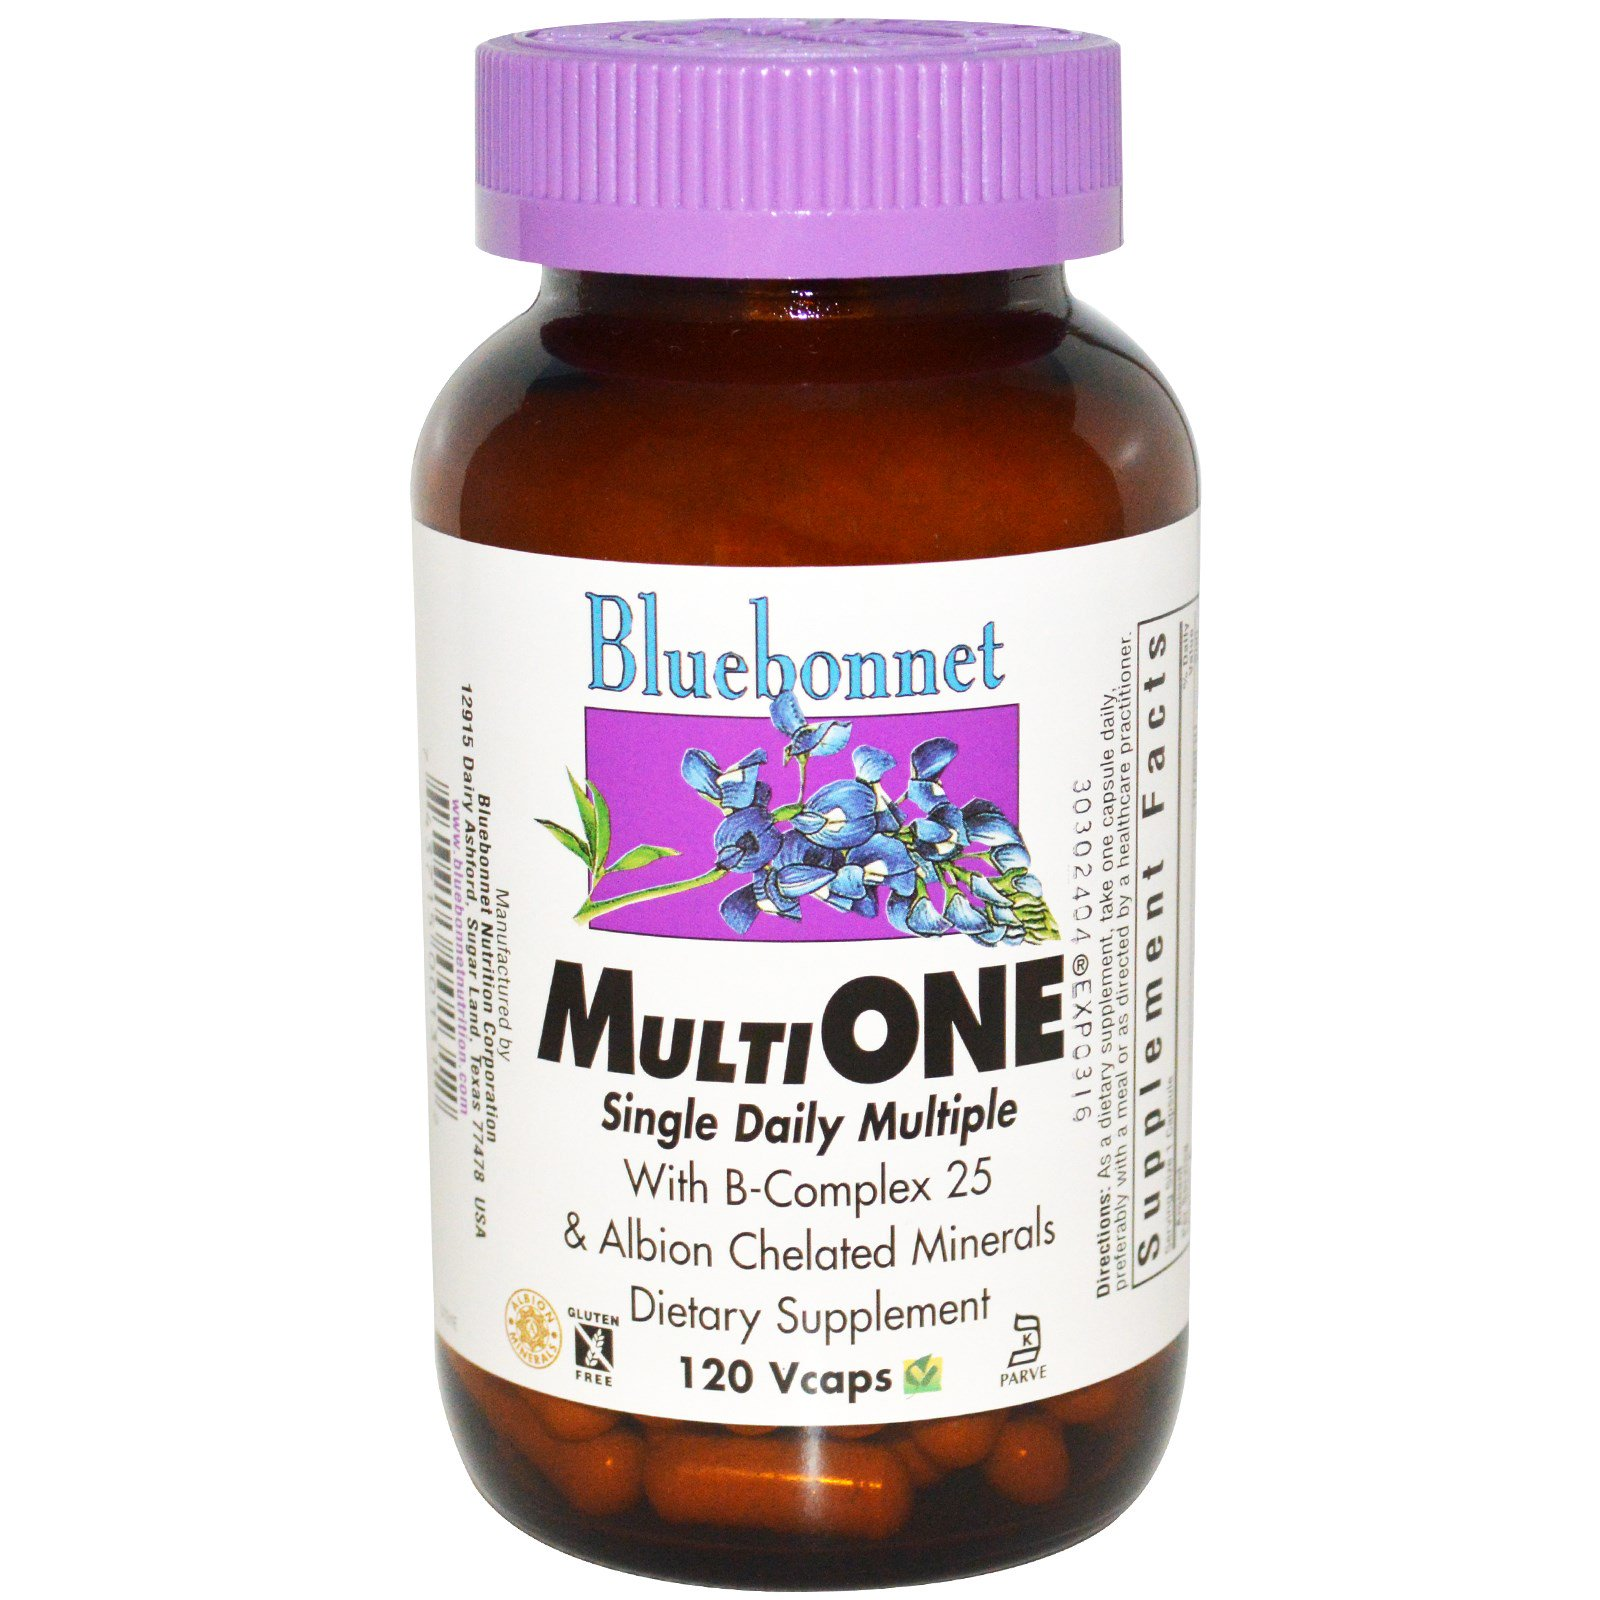 Bluebonnet Nutrition, Multi One, Single